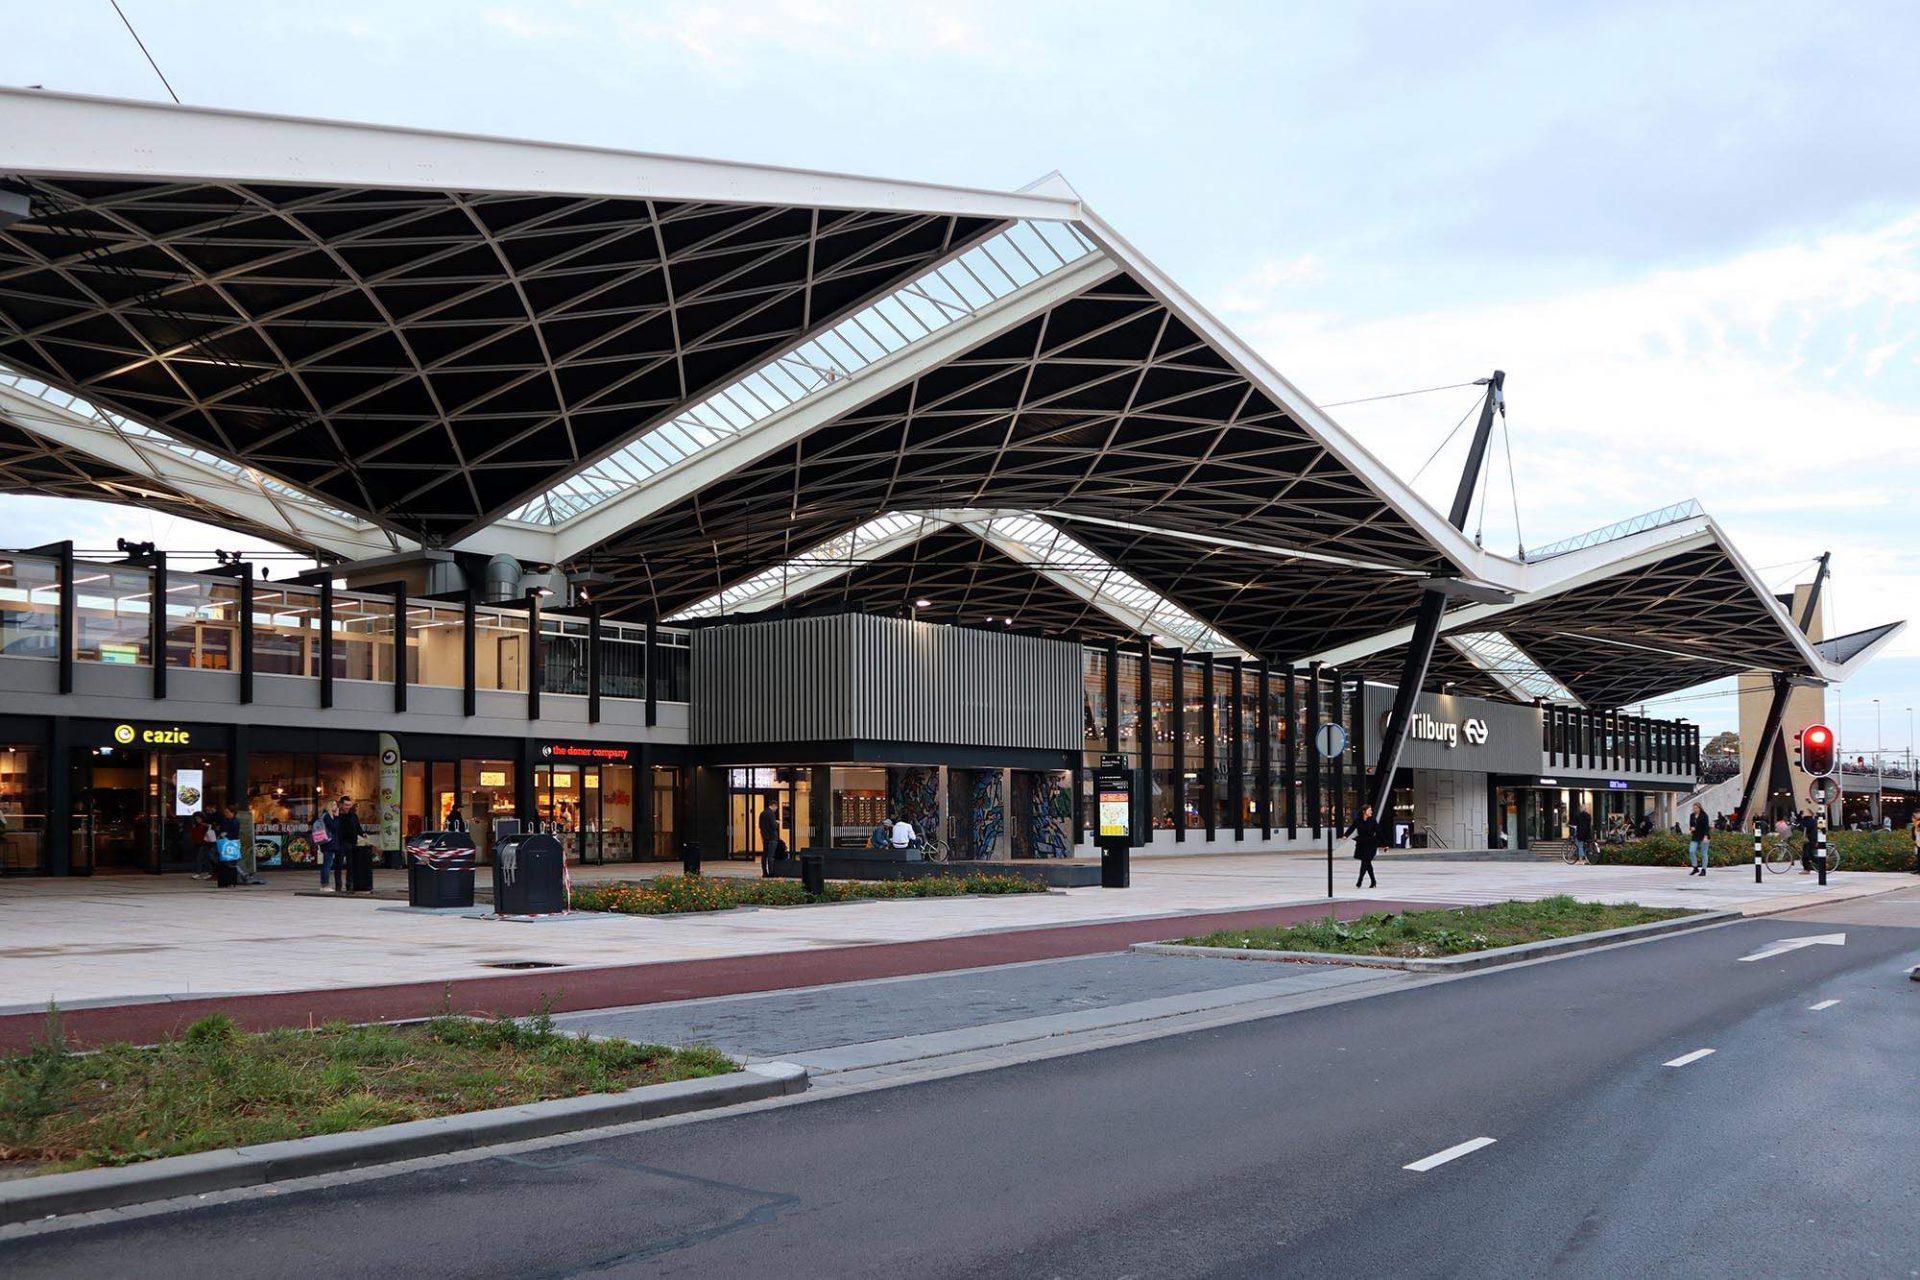 Bahnhof. Das Gebäude entstand bereits 1965 nach Entwürfen des Bahnhofsarchitekten Koen van der Gaast. Sein Bau war richtungsweisend für die niederländische Architektur der 1980er- und 1990er-Jahre.